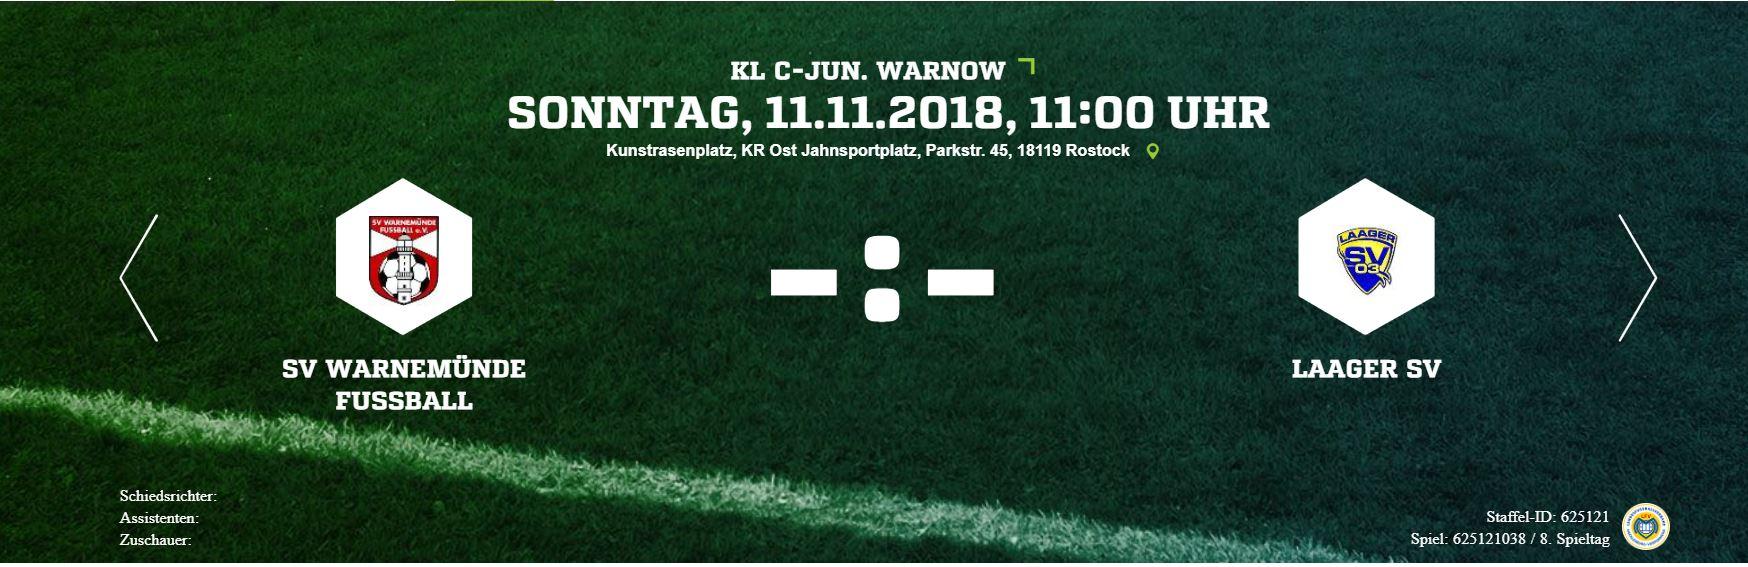 20181111 1100 Fußball C